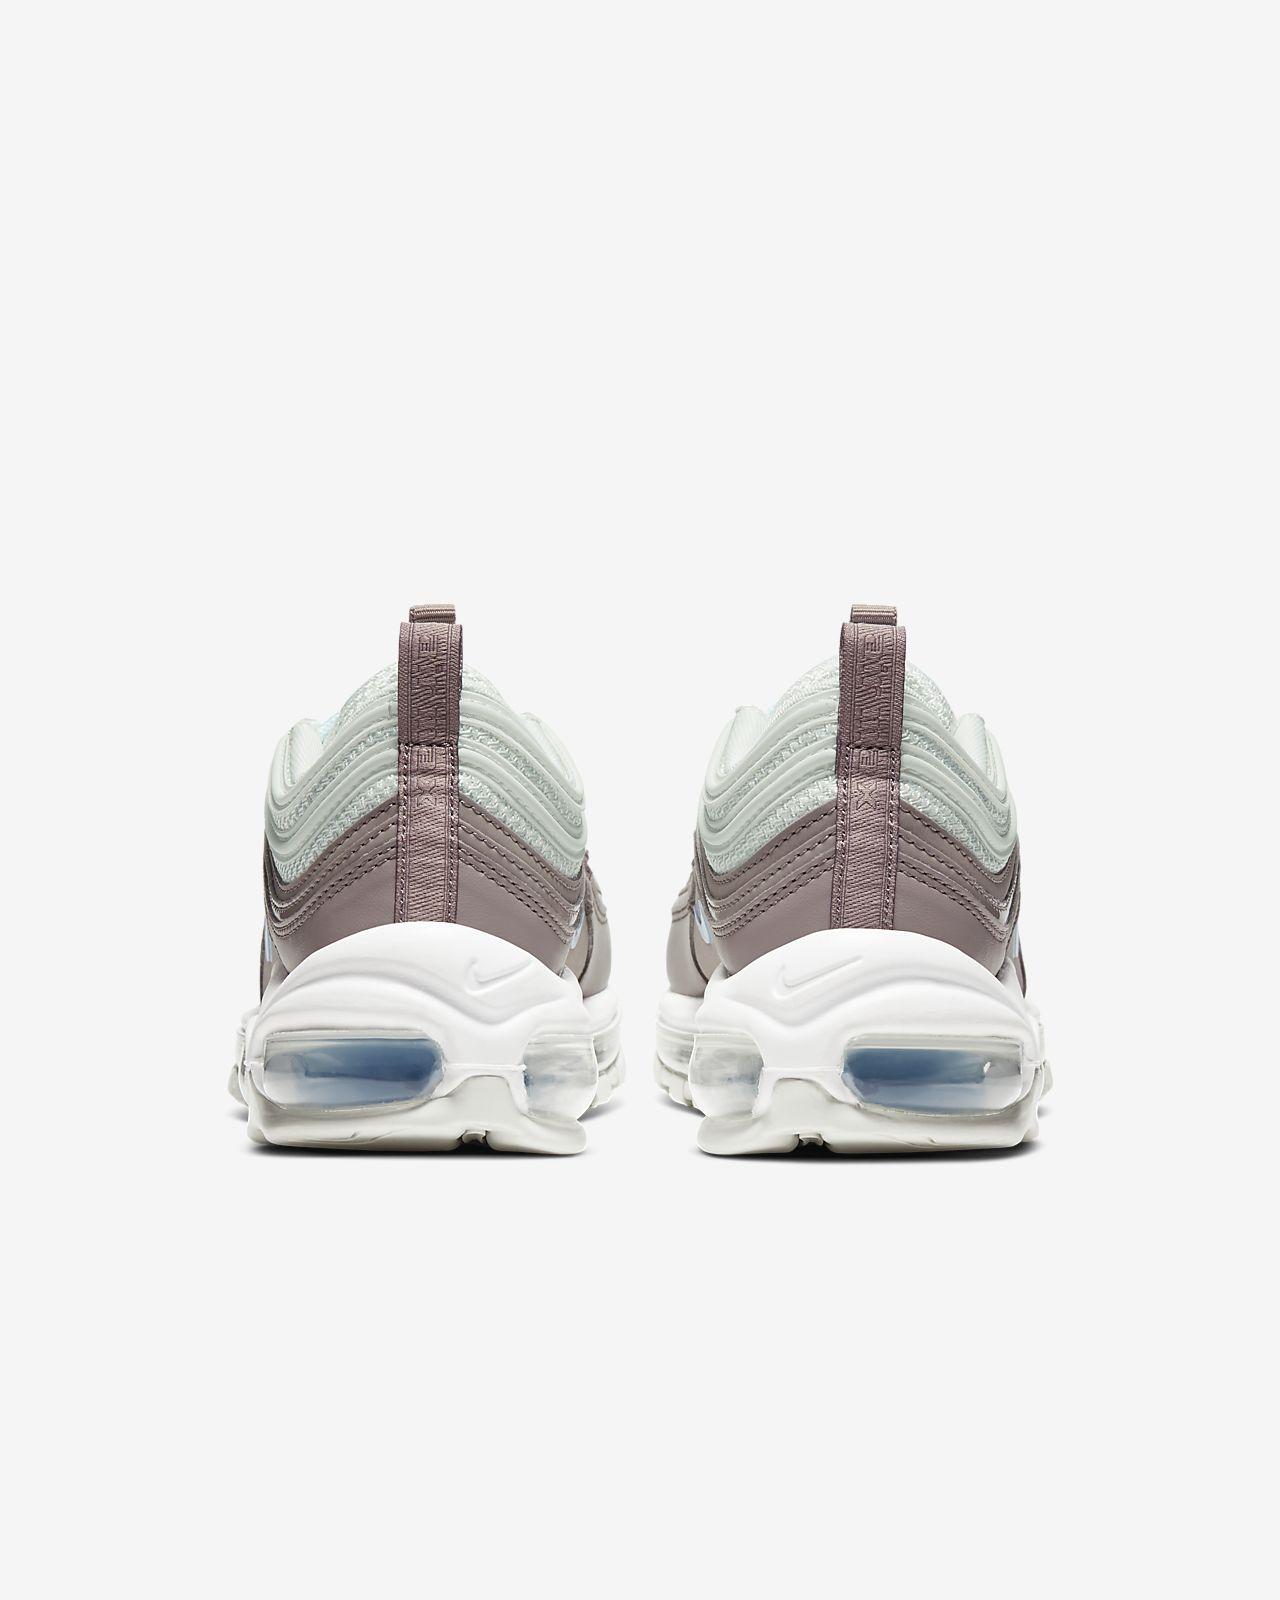 Nike Air Max 97 Shanghai Legend Sneaker Boutique